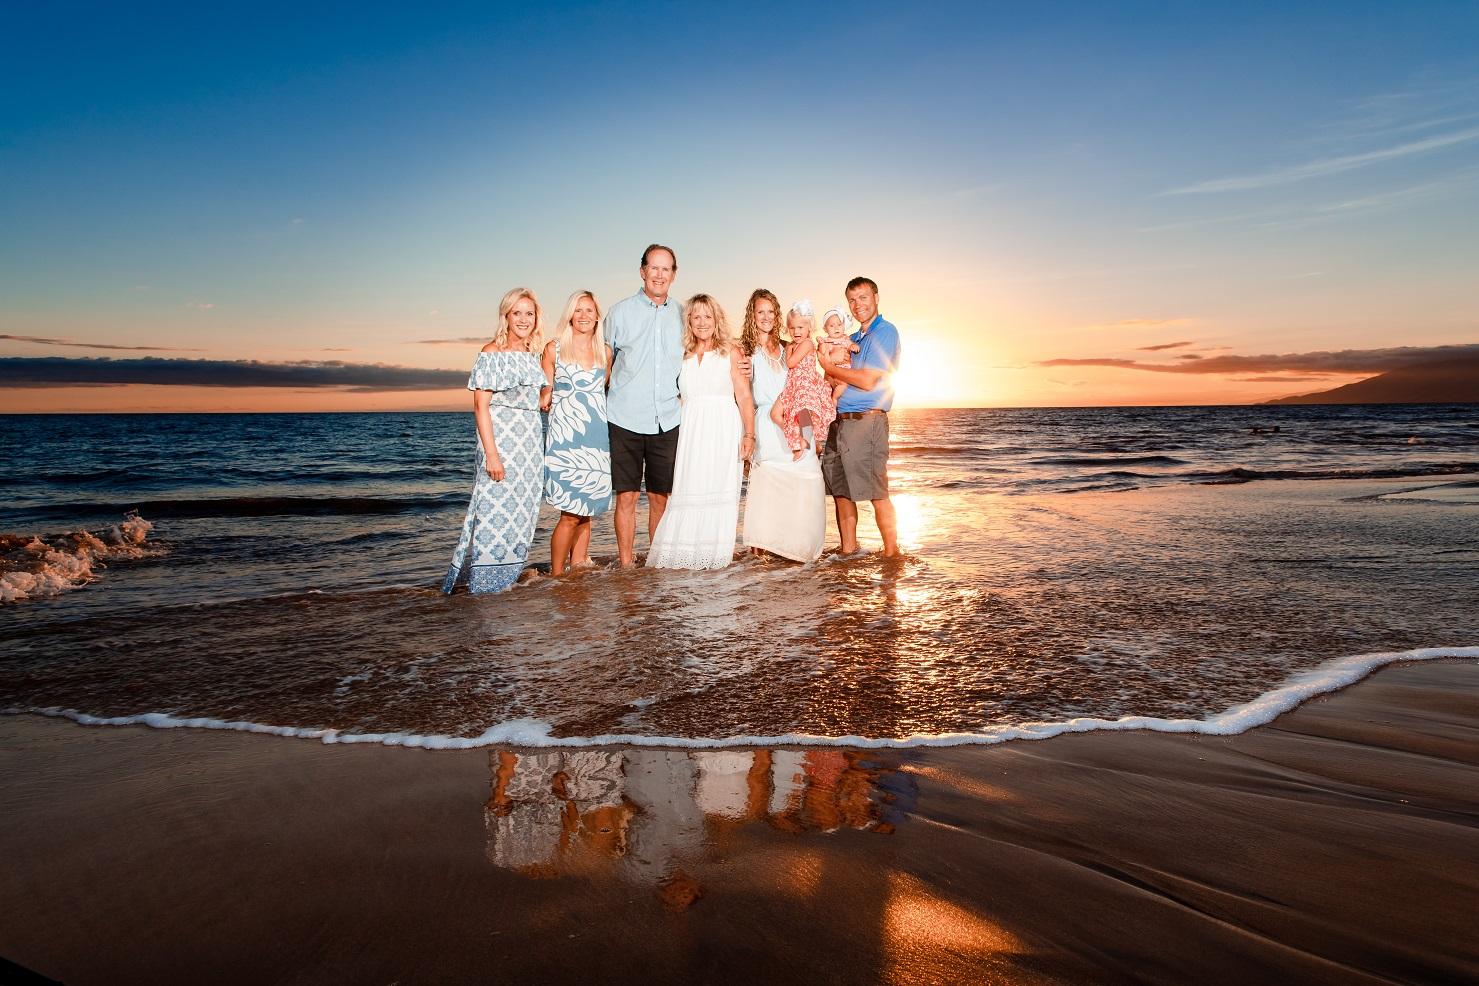 family beach sunset vacation photos beach ocean kauai hawaii